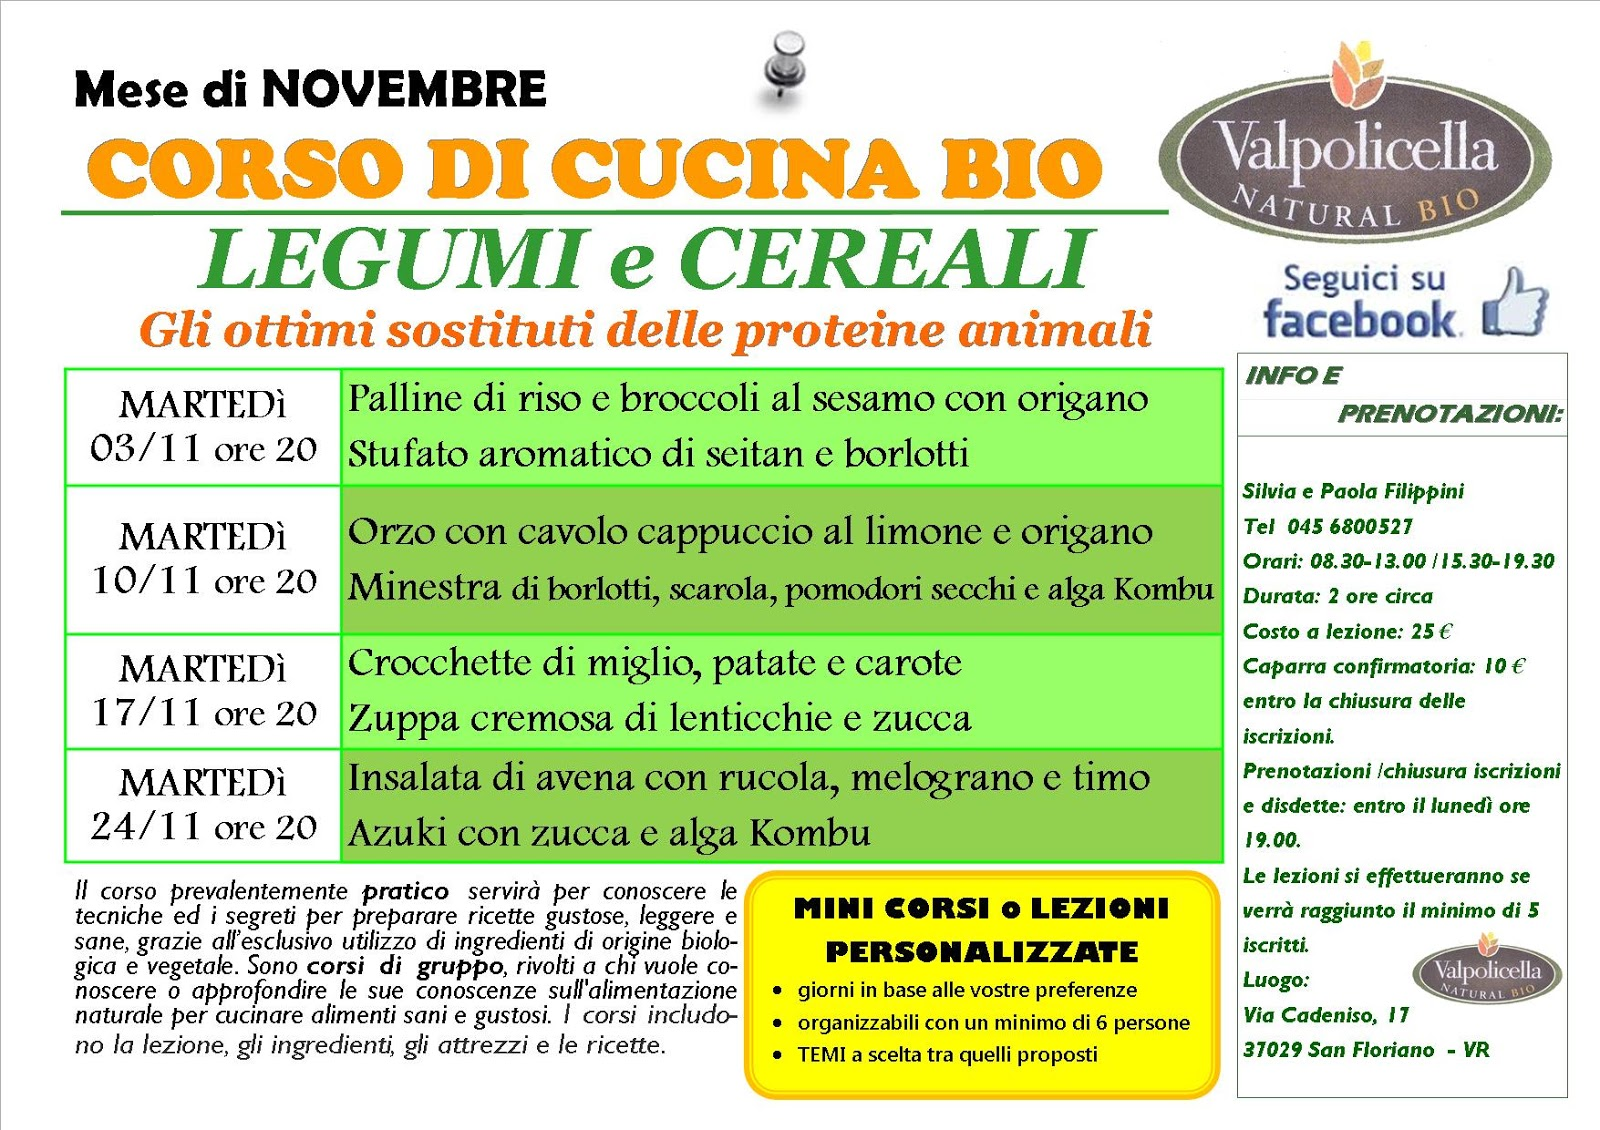 corso di cucina legumi e cereali a san floriano vr a novembre 2015